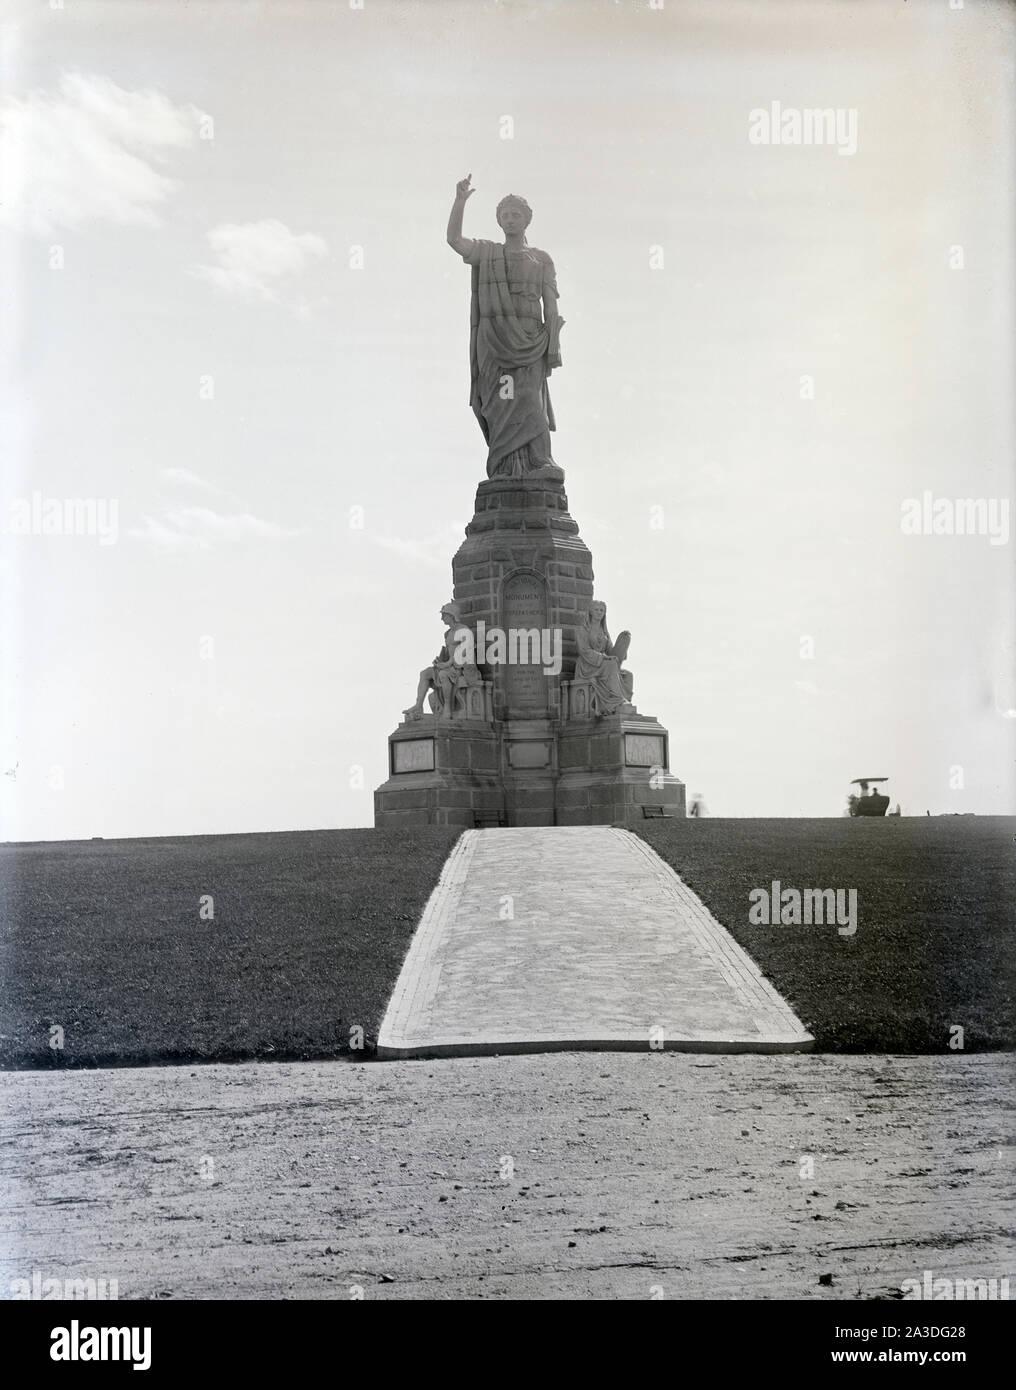 Antike 1902 Foto, das nationale Monument der Vorväter in Plymouth, Massachusetts. Quelle: ORIGINAL GLAS NEGATIVE Stockfoto